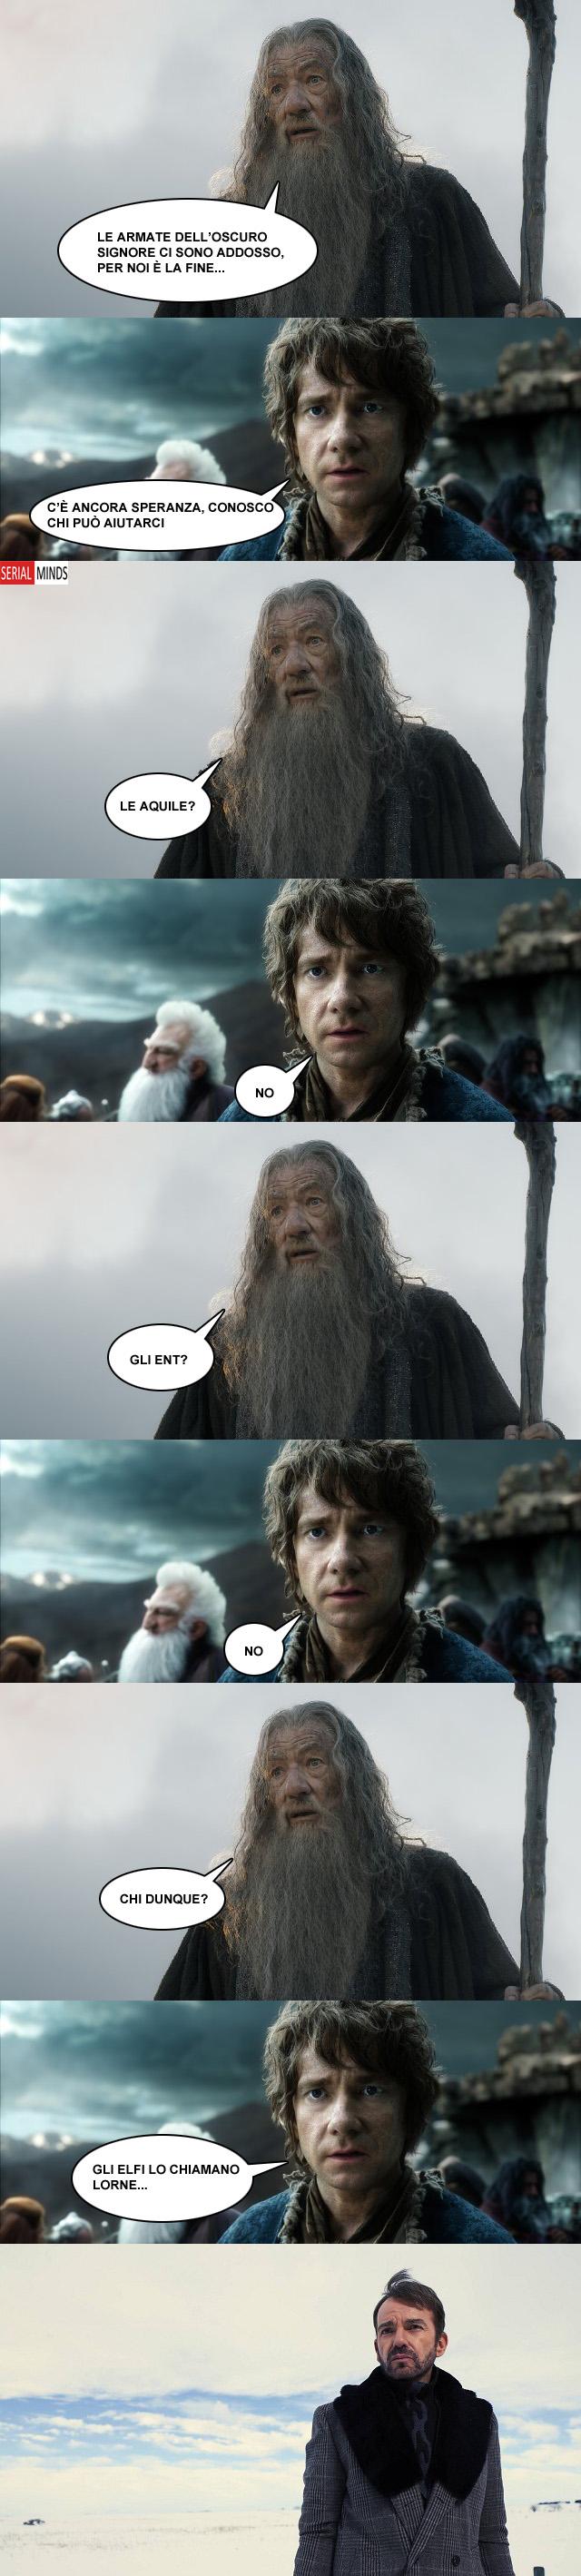 Hobbit Fargo